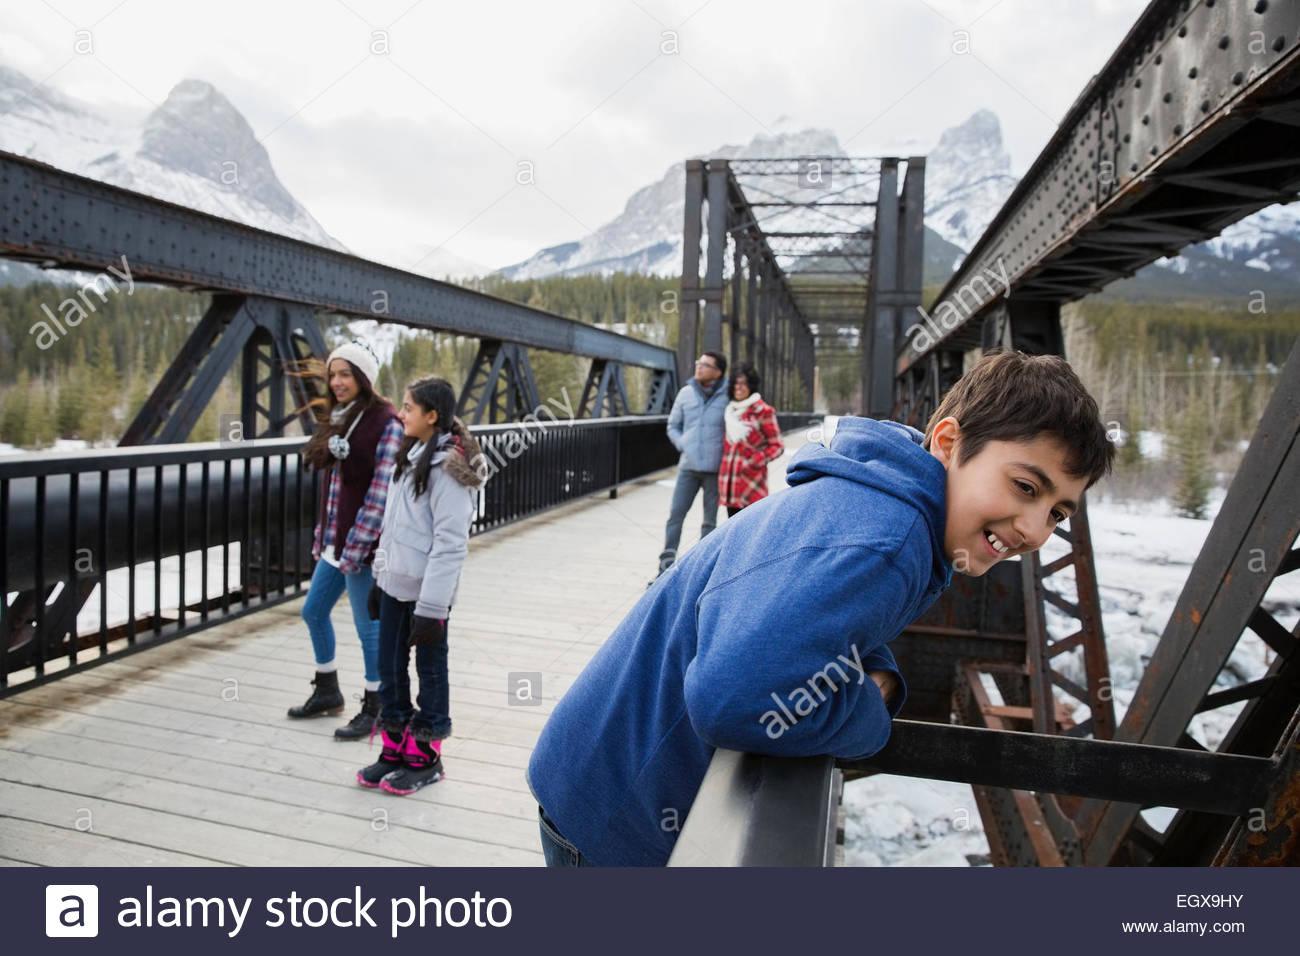 Pont sur la famille en dessous de montagnes enneigées Banque D'Images